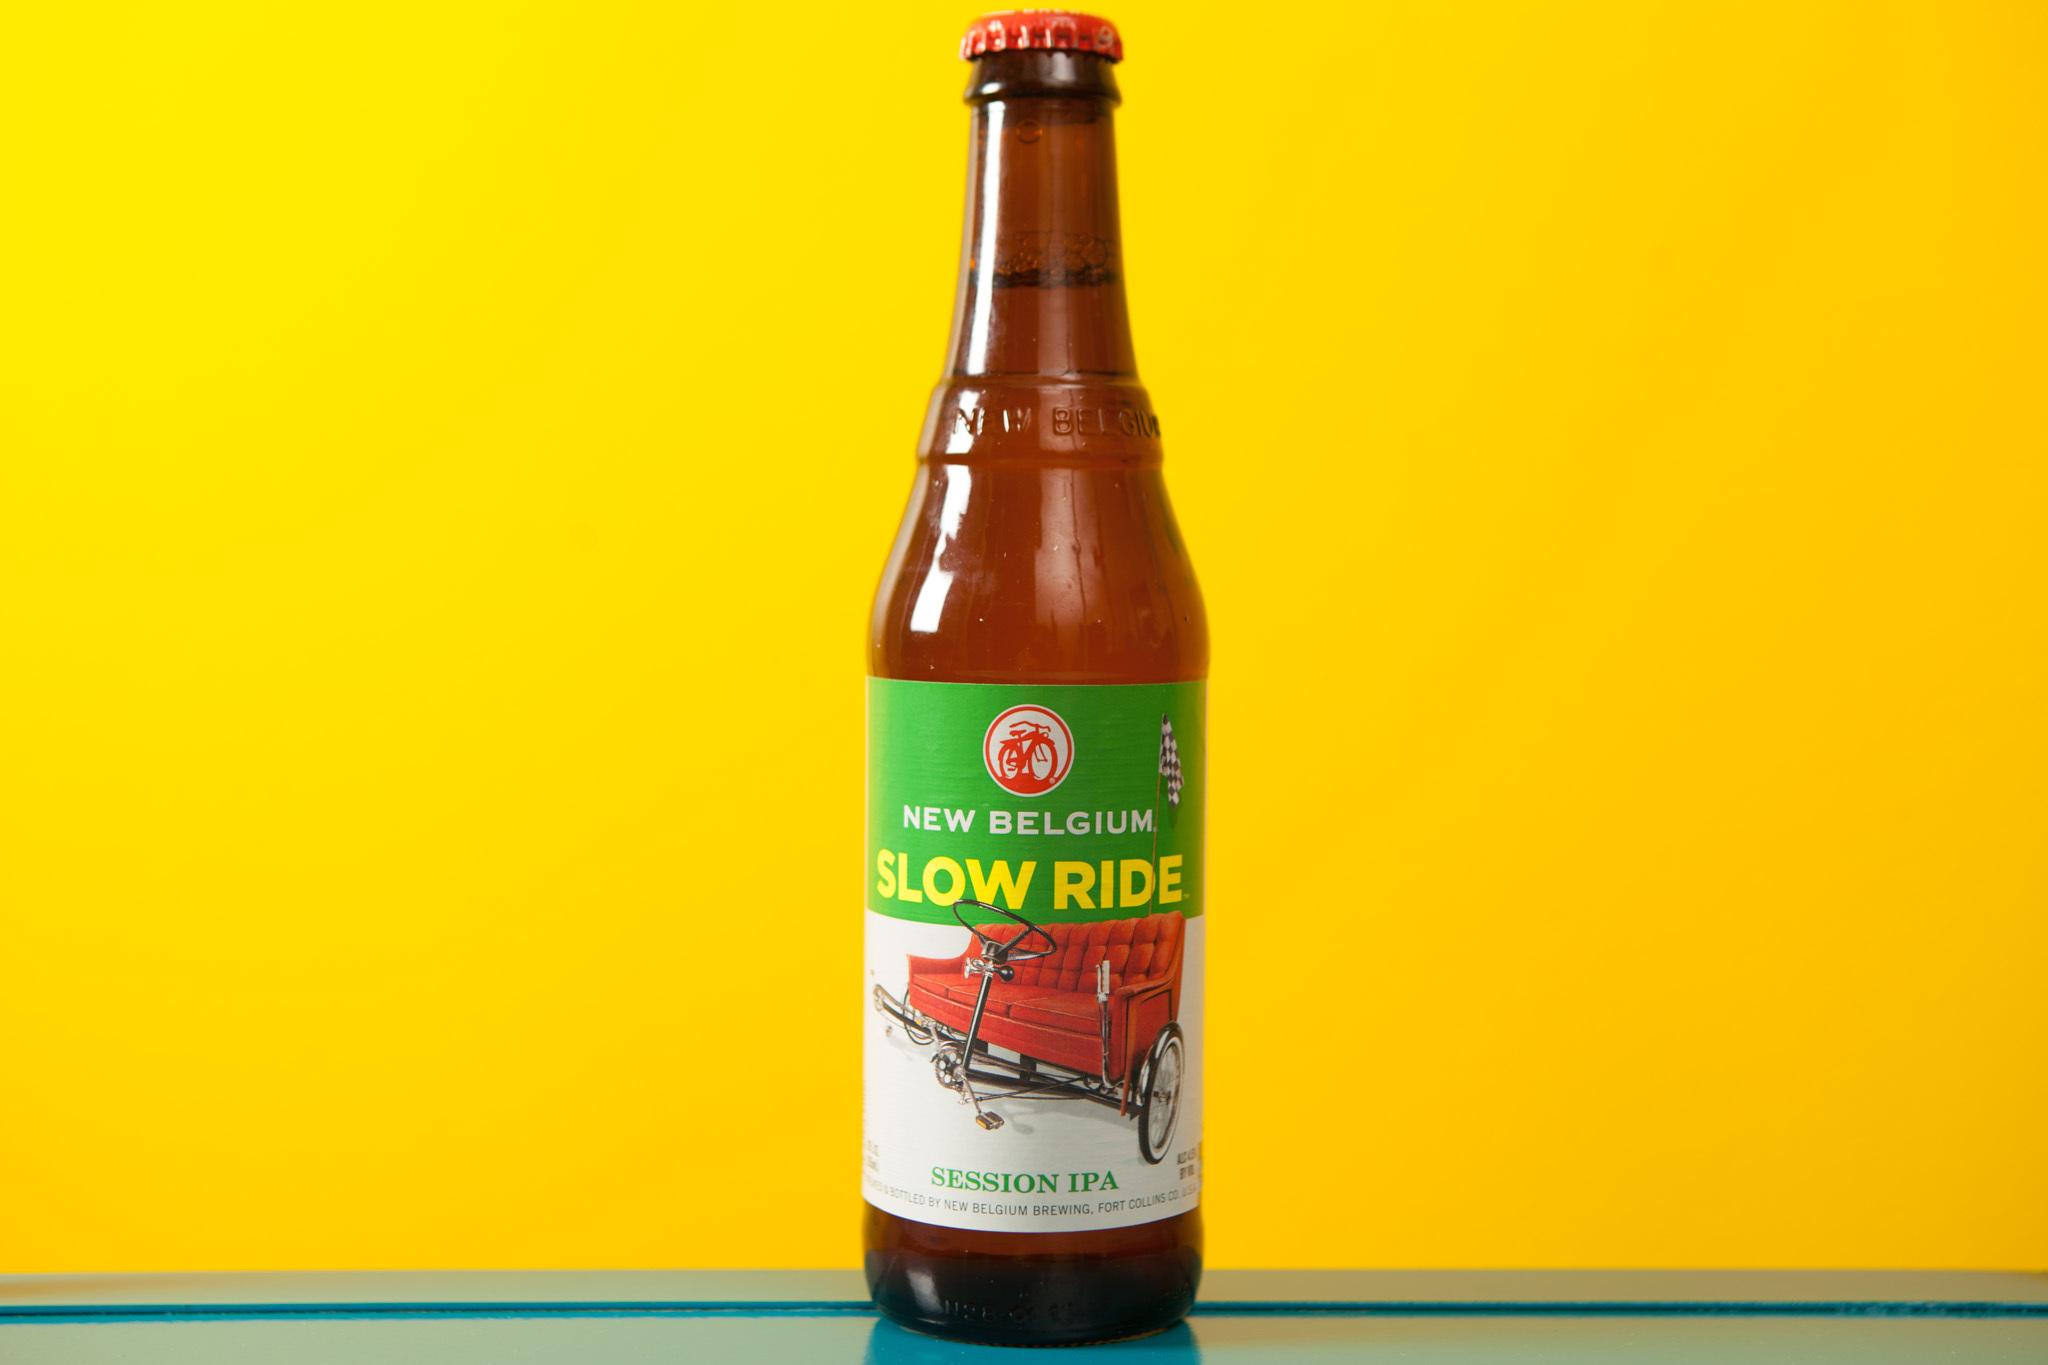 New Belgium Slow Ride